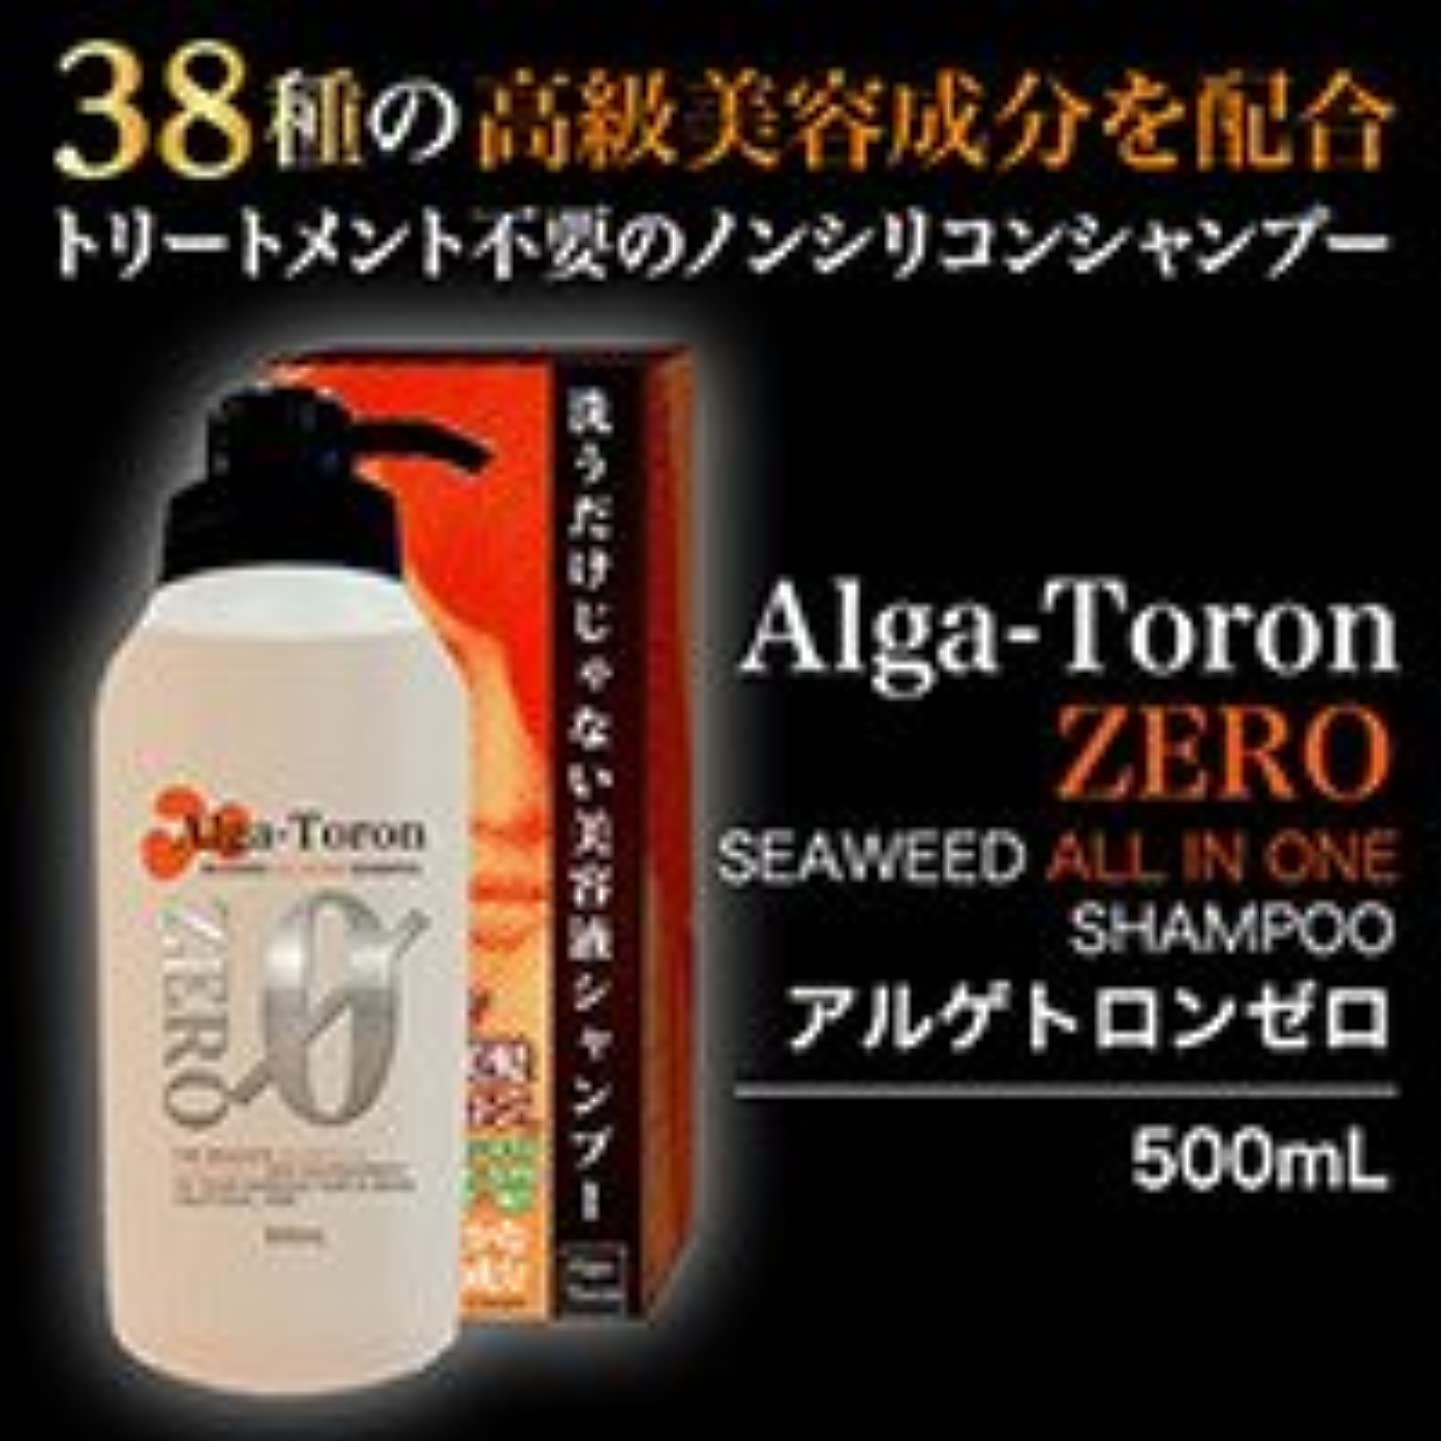 異常なコール配当【ケンネット】アルゲトロンゼロシャンプー 500ml ×3個セット